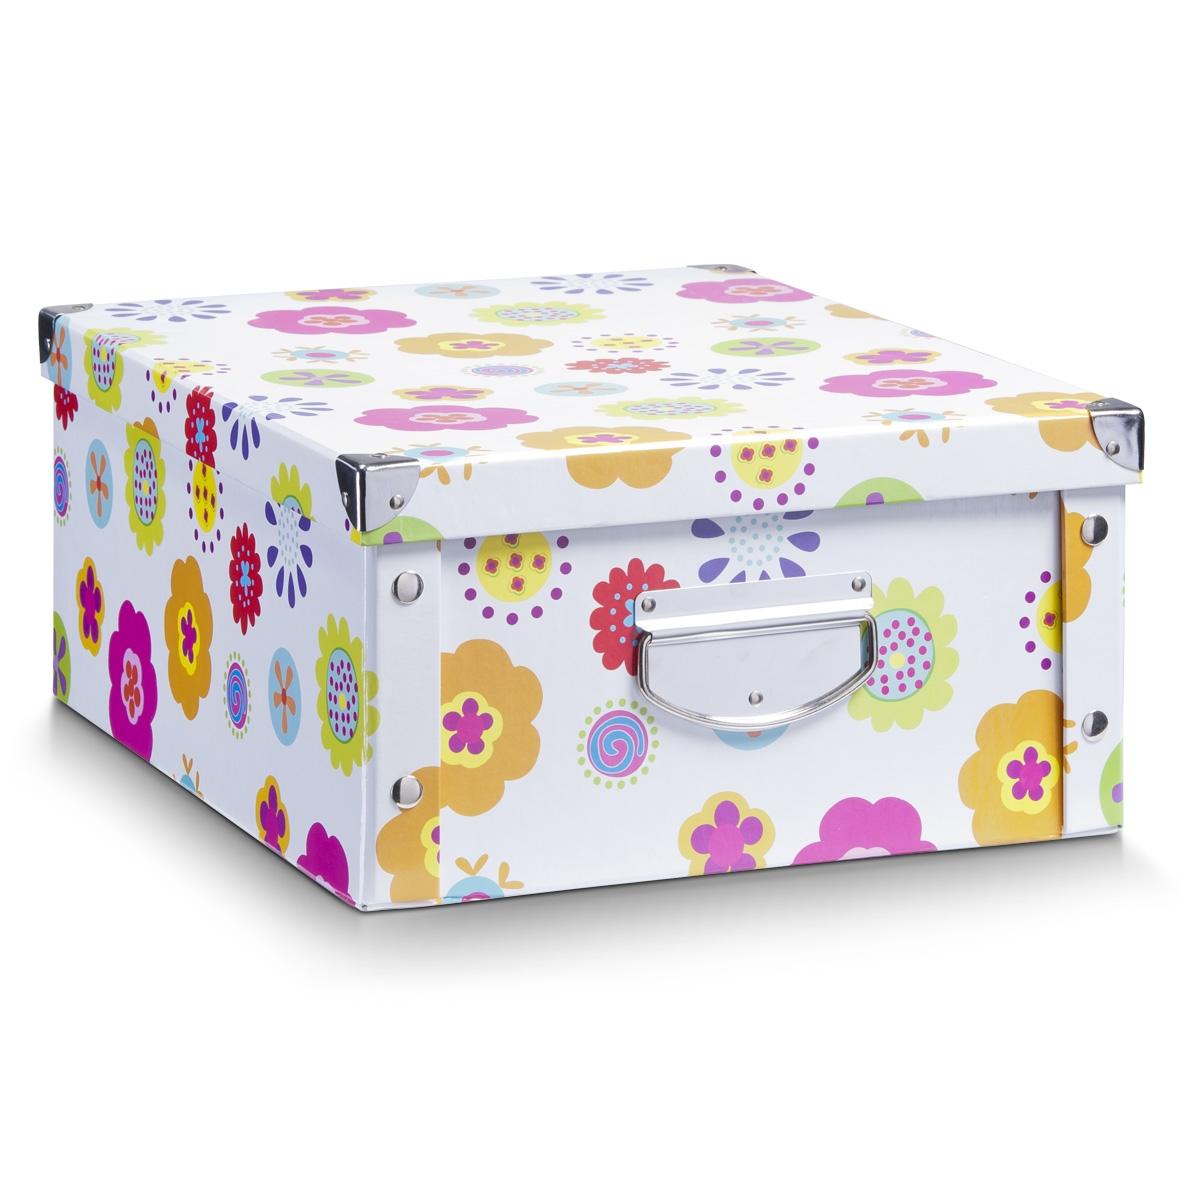 Cutie decorativa pentru depozitare, din carton, Kids Multicolor, L40xl33xH17 cm imagine